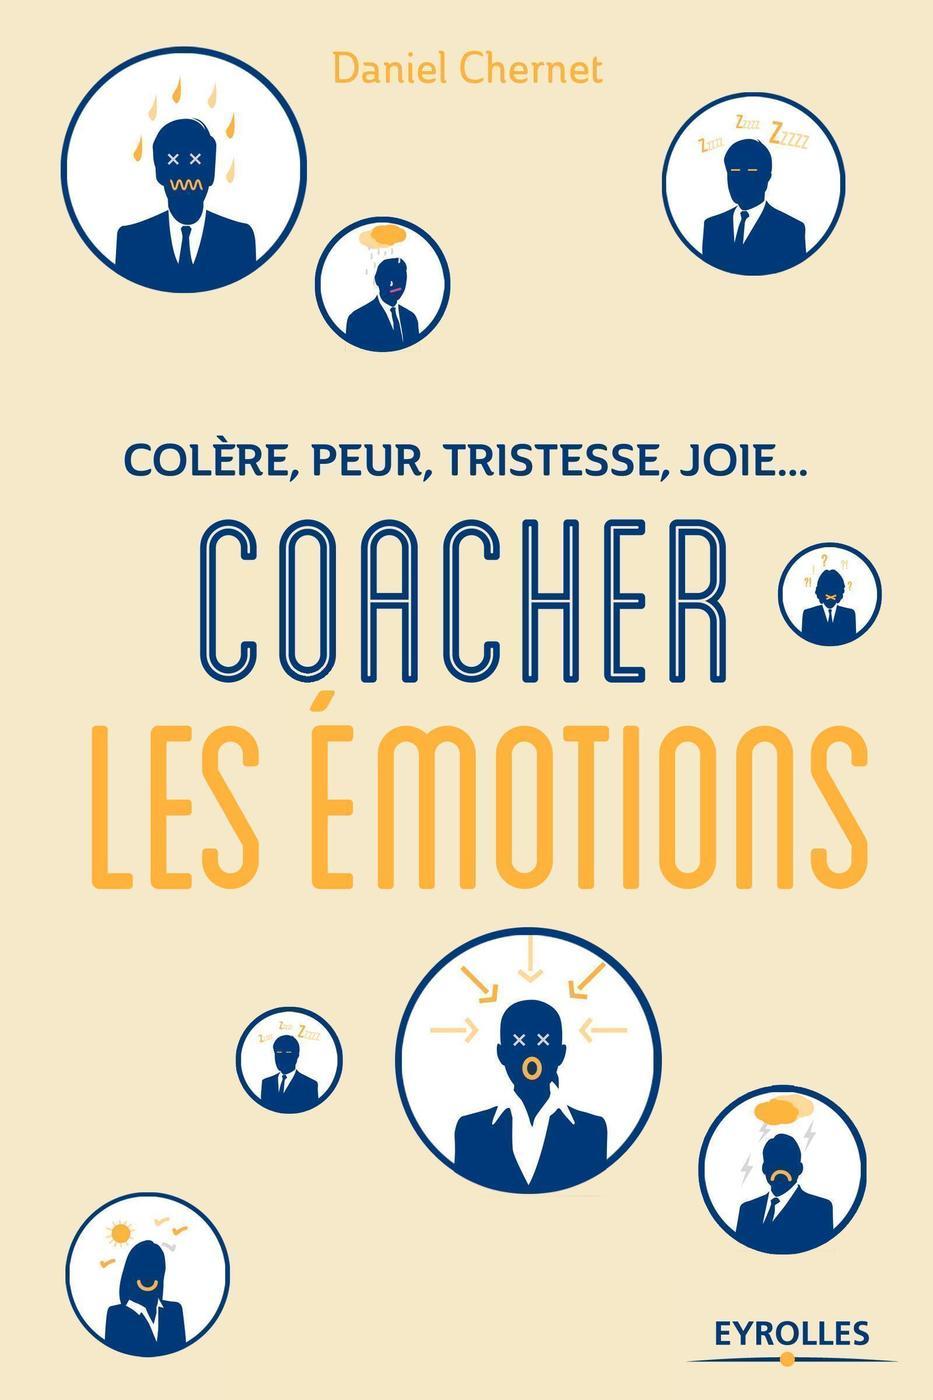 Coacher Les émotions Daniel Chernet Librairie Eyrolles